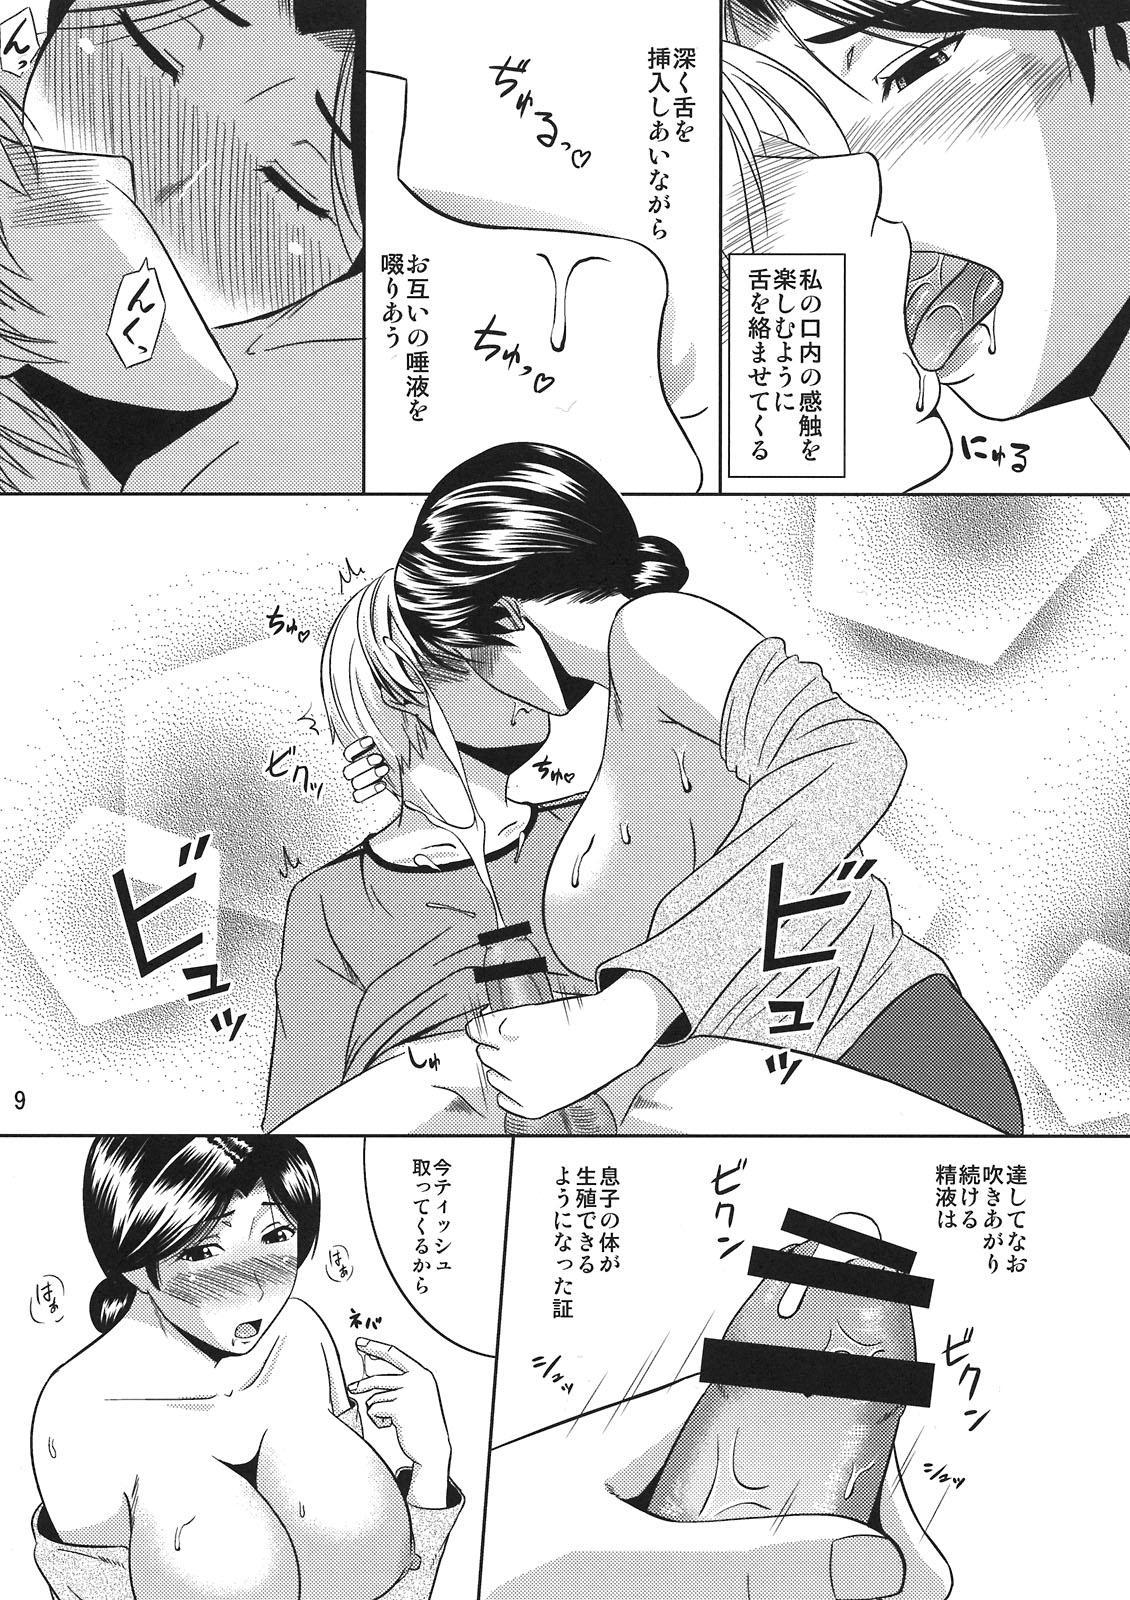 Boketsu o Horu 10 Junbigou 8